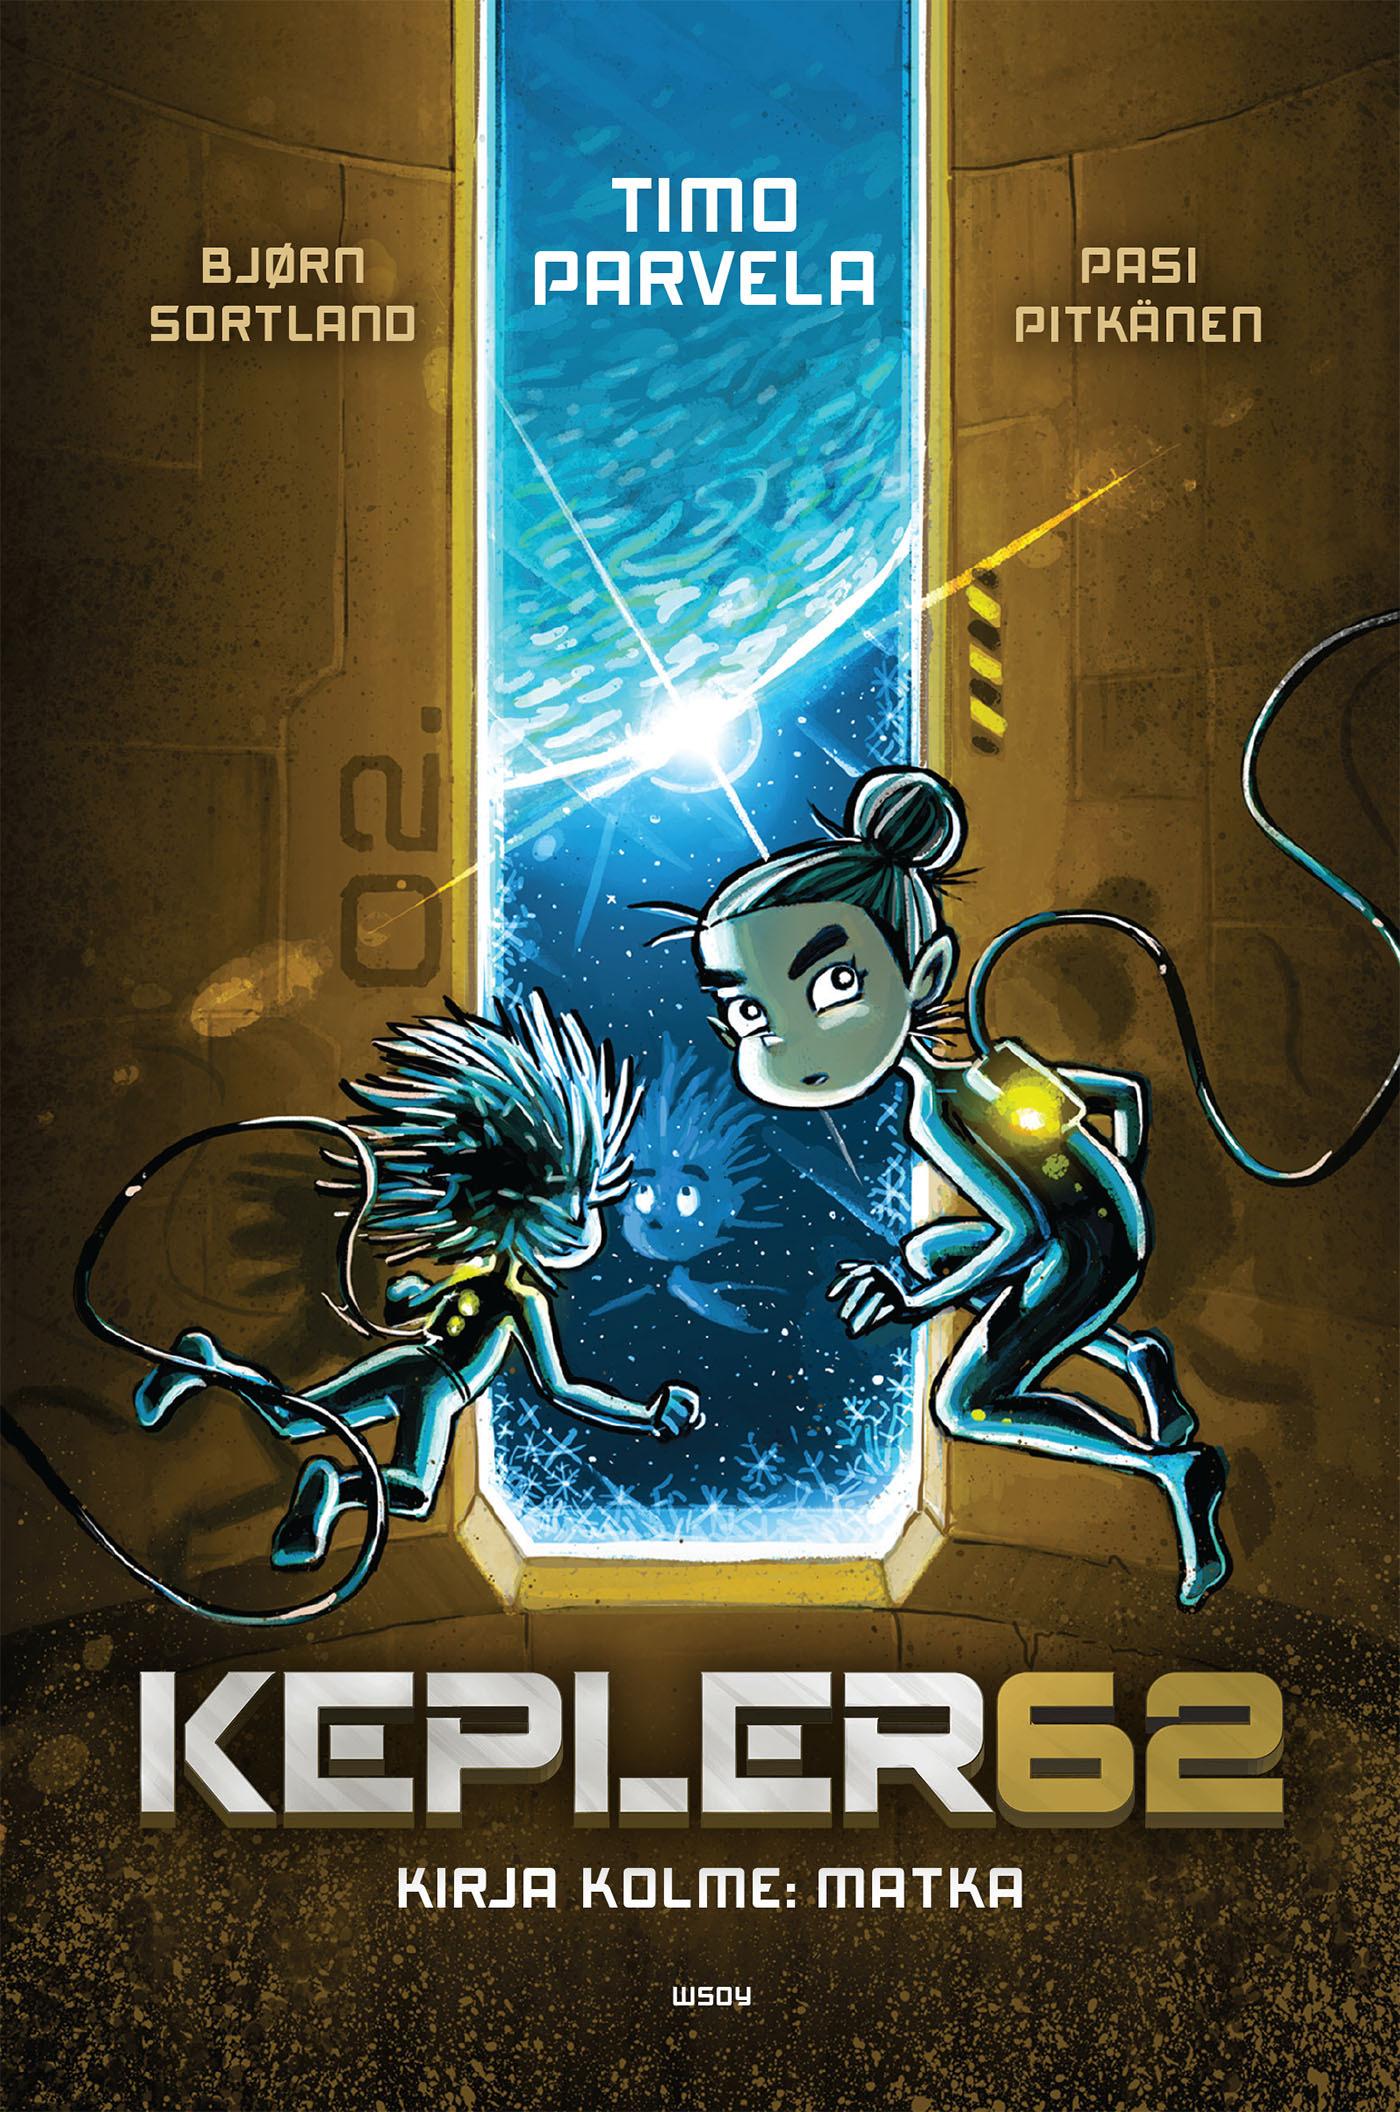 Parvela, Timo - Kepler62 Kirja kolme: Matka, e-kirja